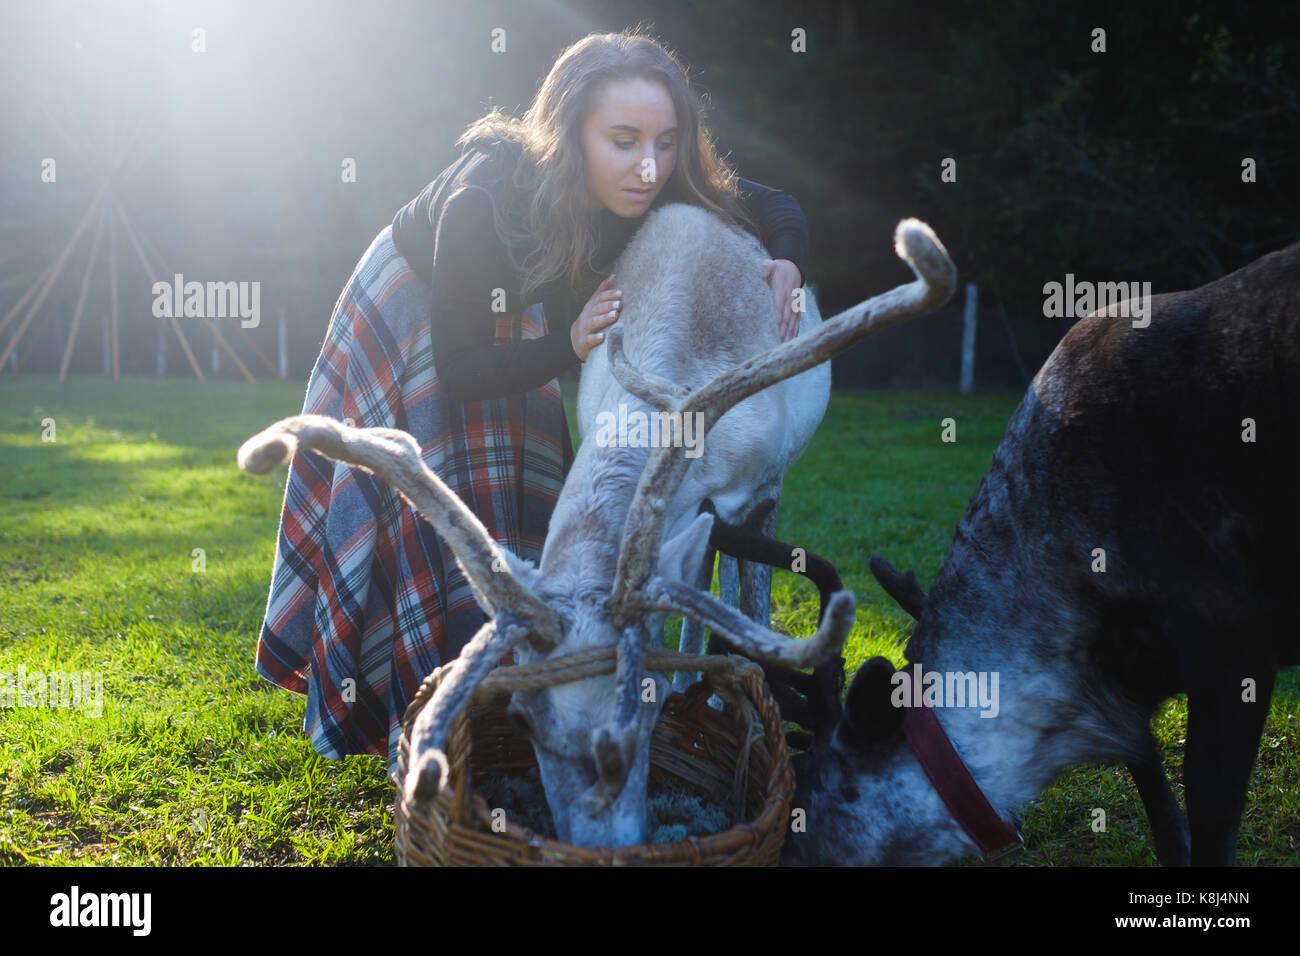 Femme dans une jupe à carreaux rennes alimentation tarandus sur champ vert Photo Stock